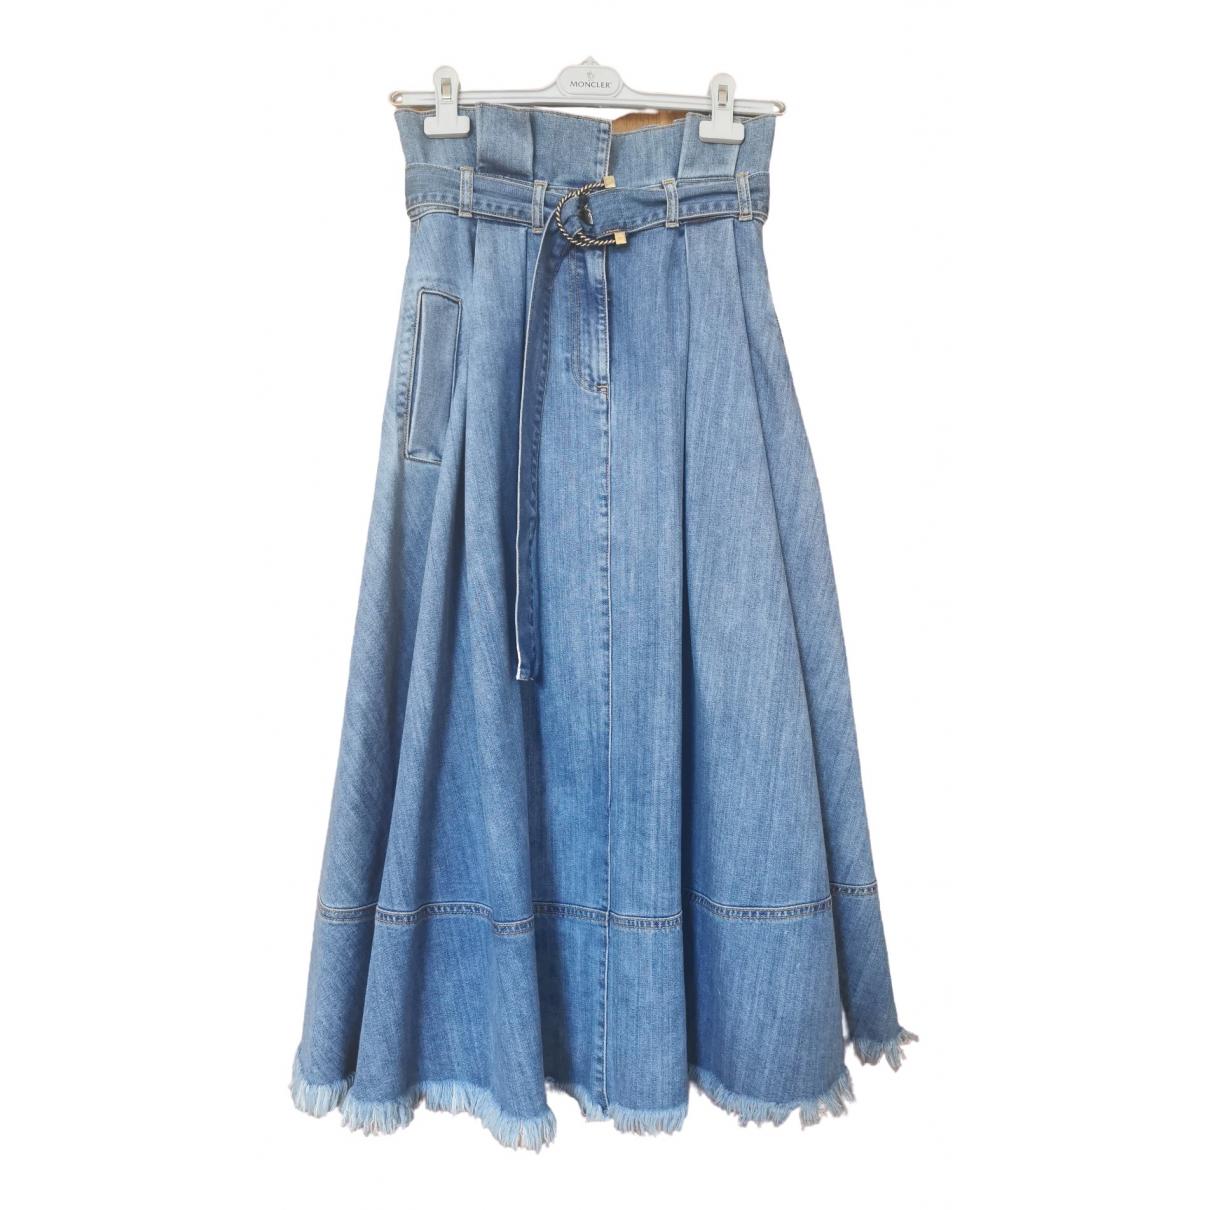 Elisabetta Franchi \N Blue Denim - Jeans skirt for Women 42 IT